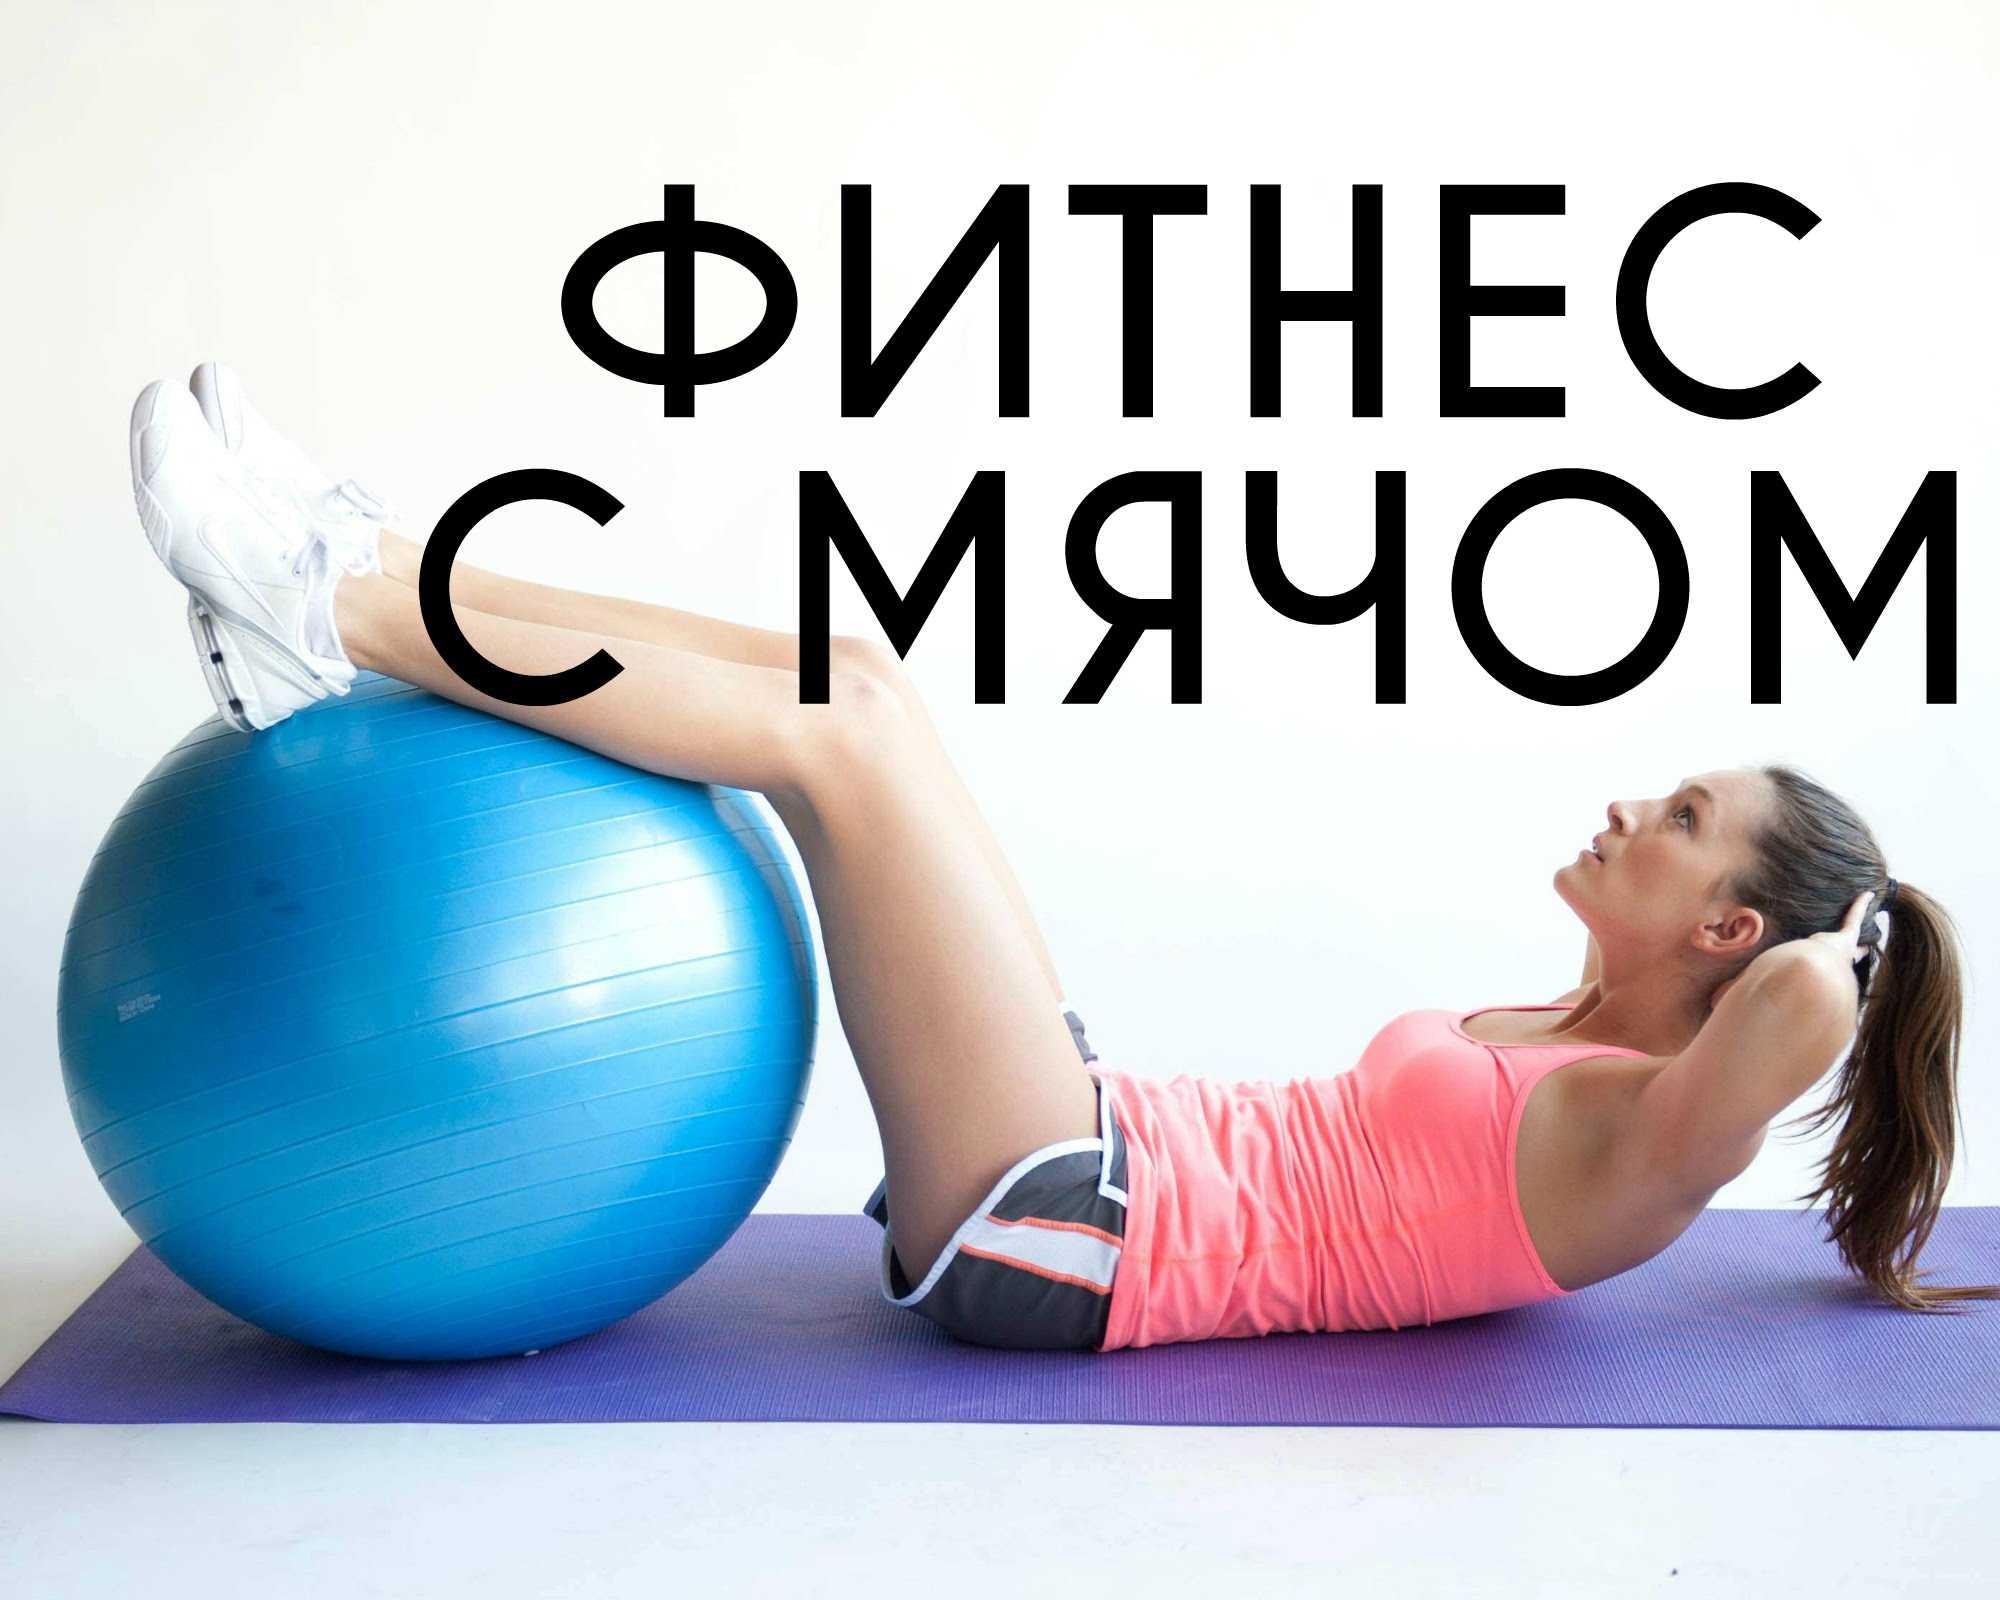 Пилатес для чайников — это программа Мишель Дозуа, которая поможет освоить пилатес и начинающим Тренировки для тех, кто хочет гибкости и тонуса мышц,